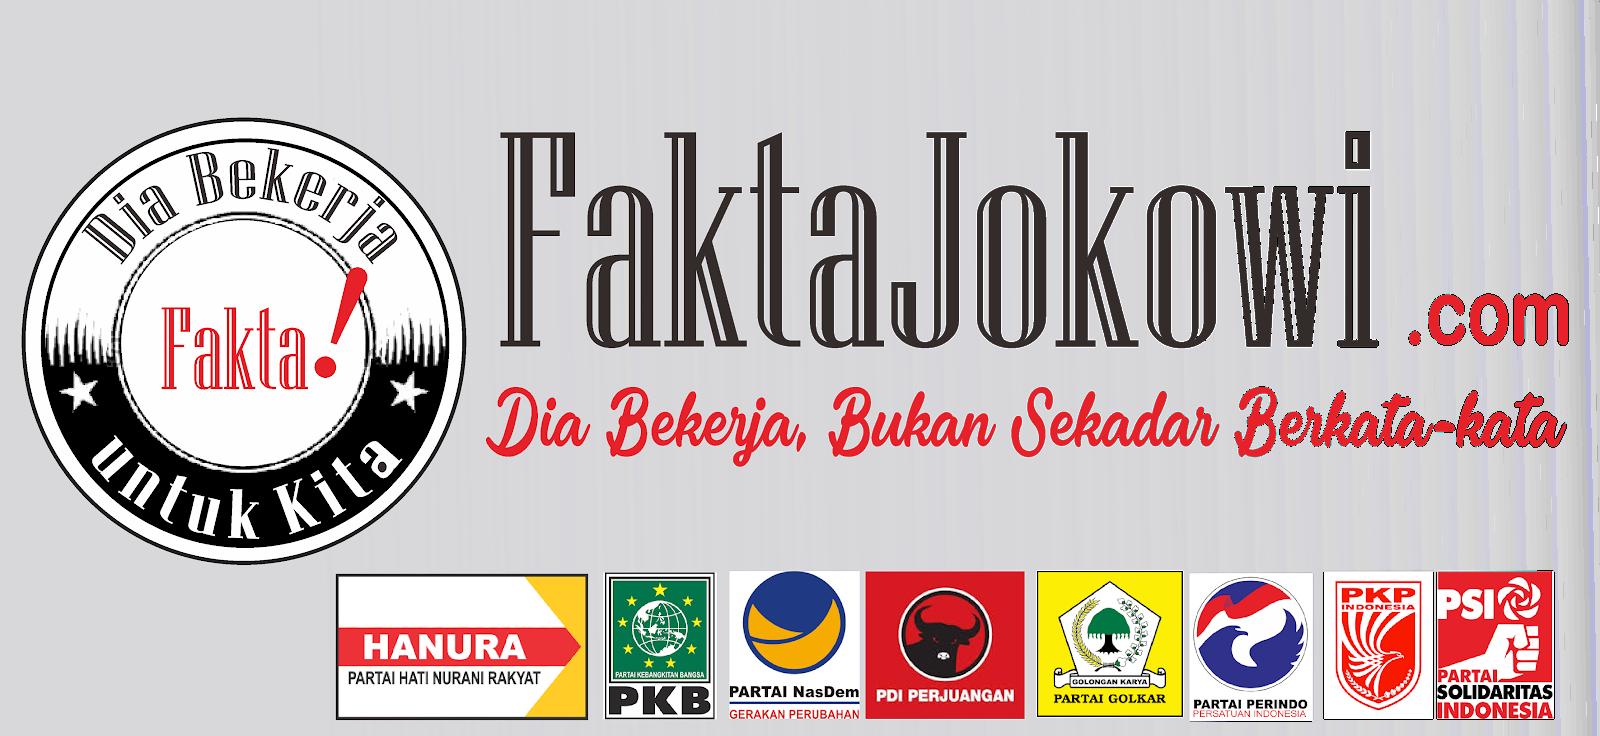 Fakta Jokowi